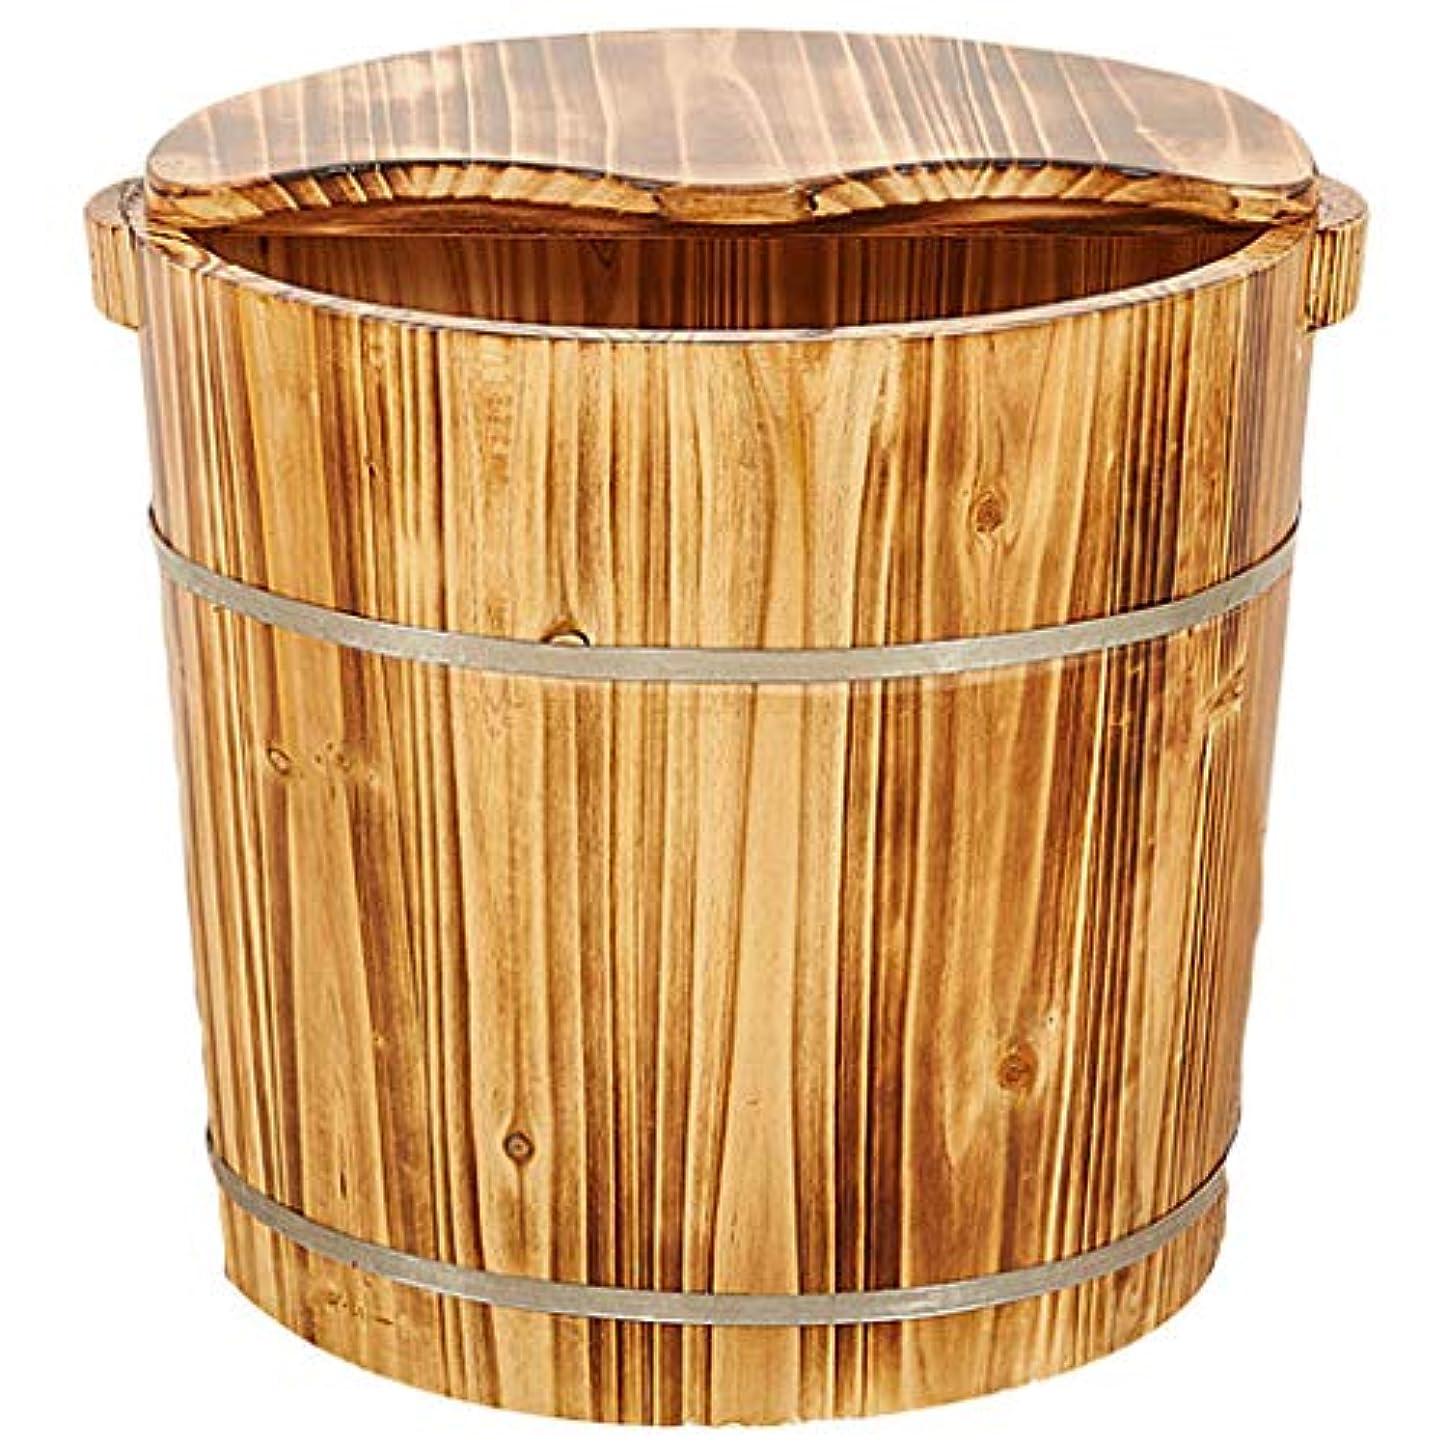 蒸し器溝表現森の中で足洗浄足浴木材マッサージ足湯ペディキュアバレル高い深さは、蓋予算でビーチ足浴槽が水没します